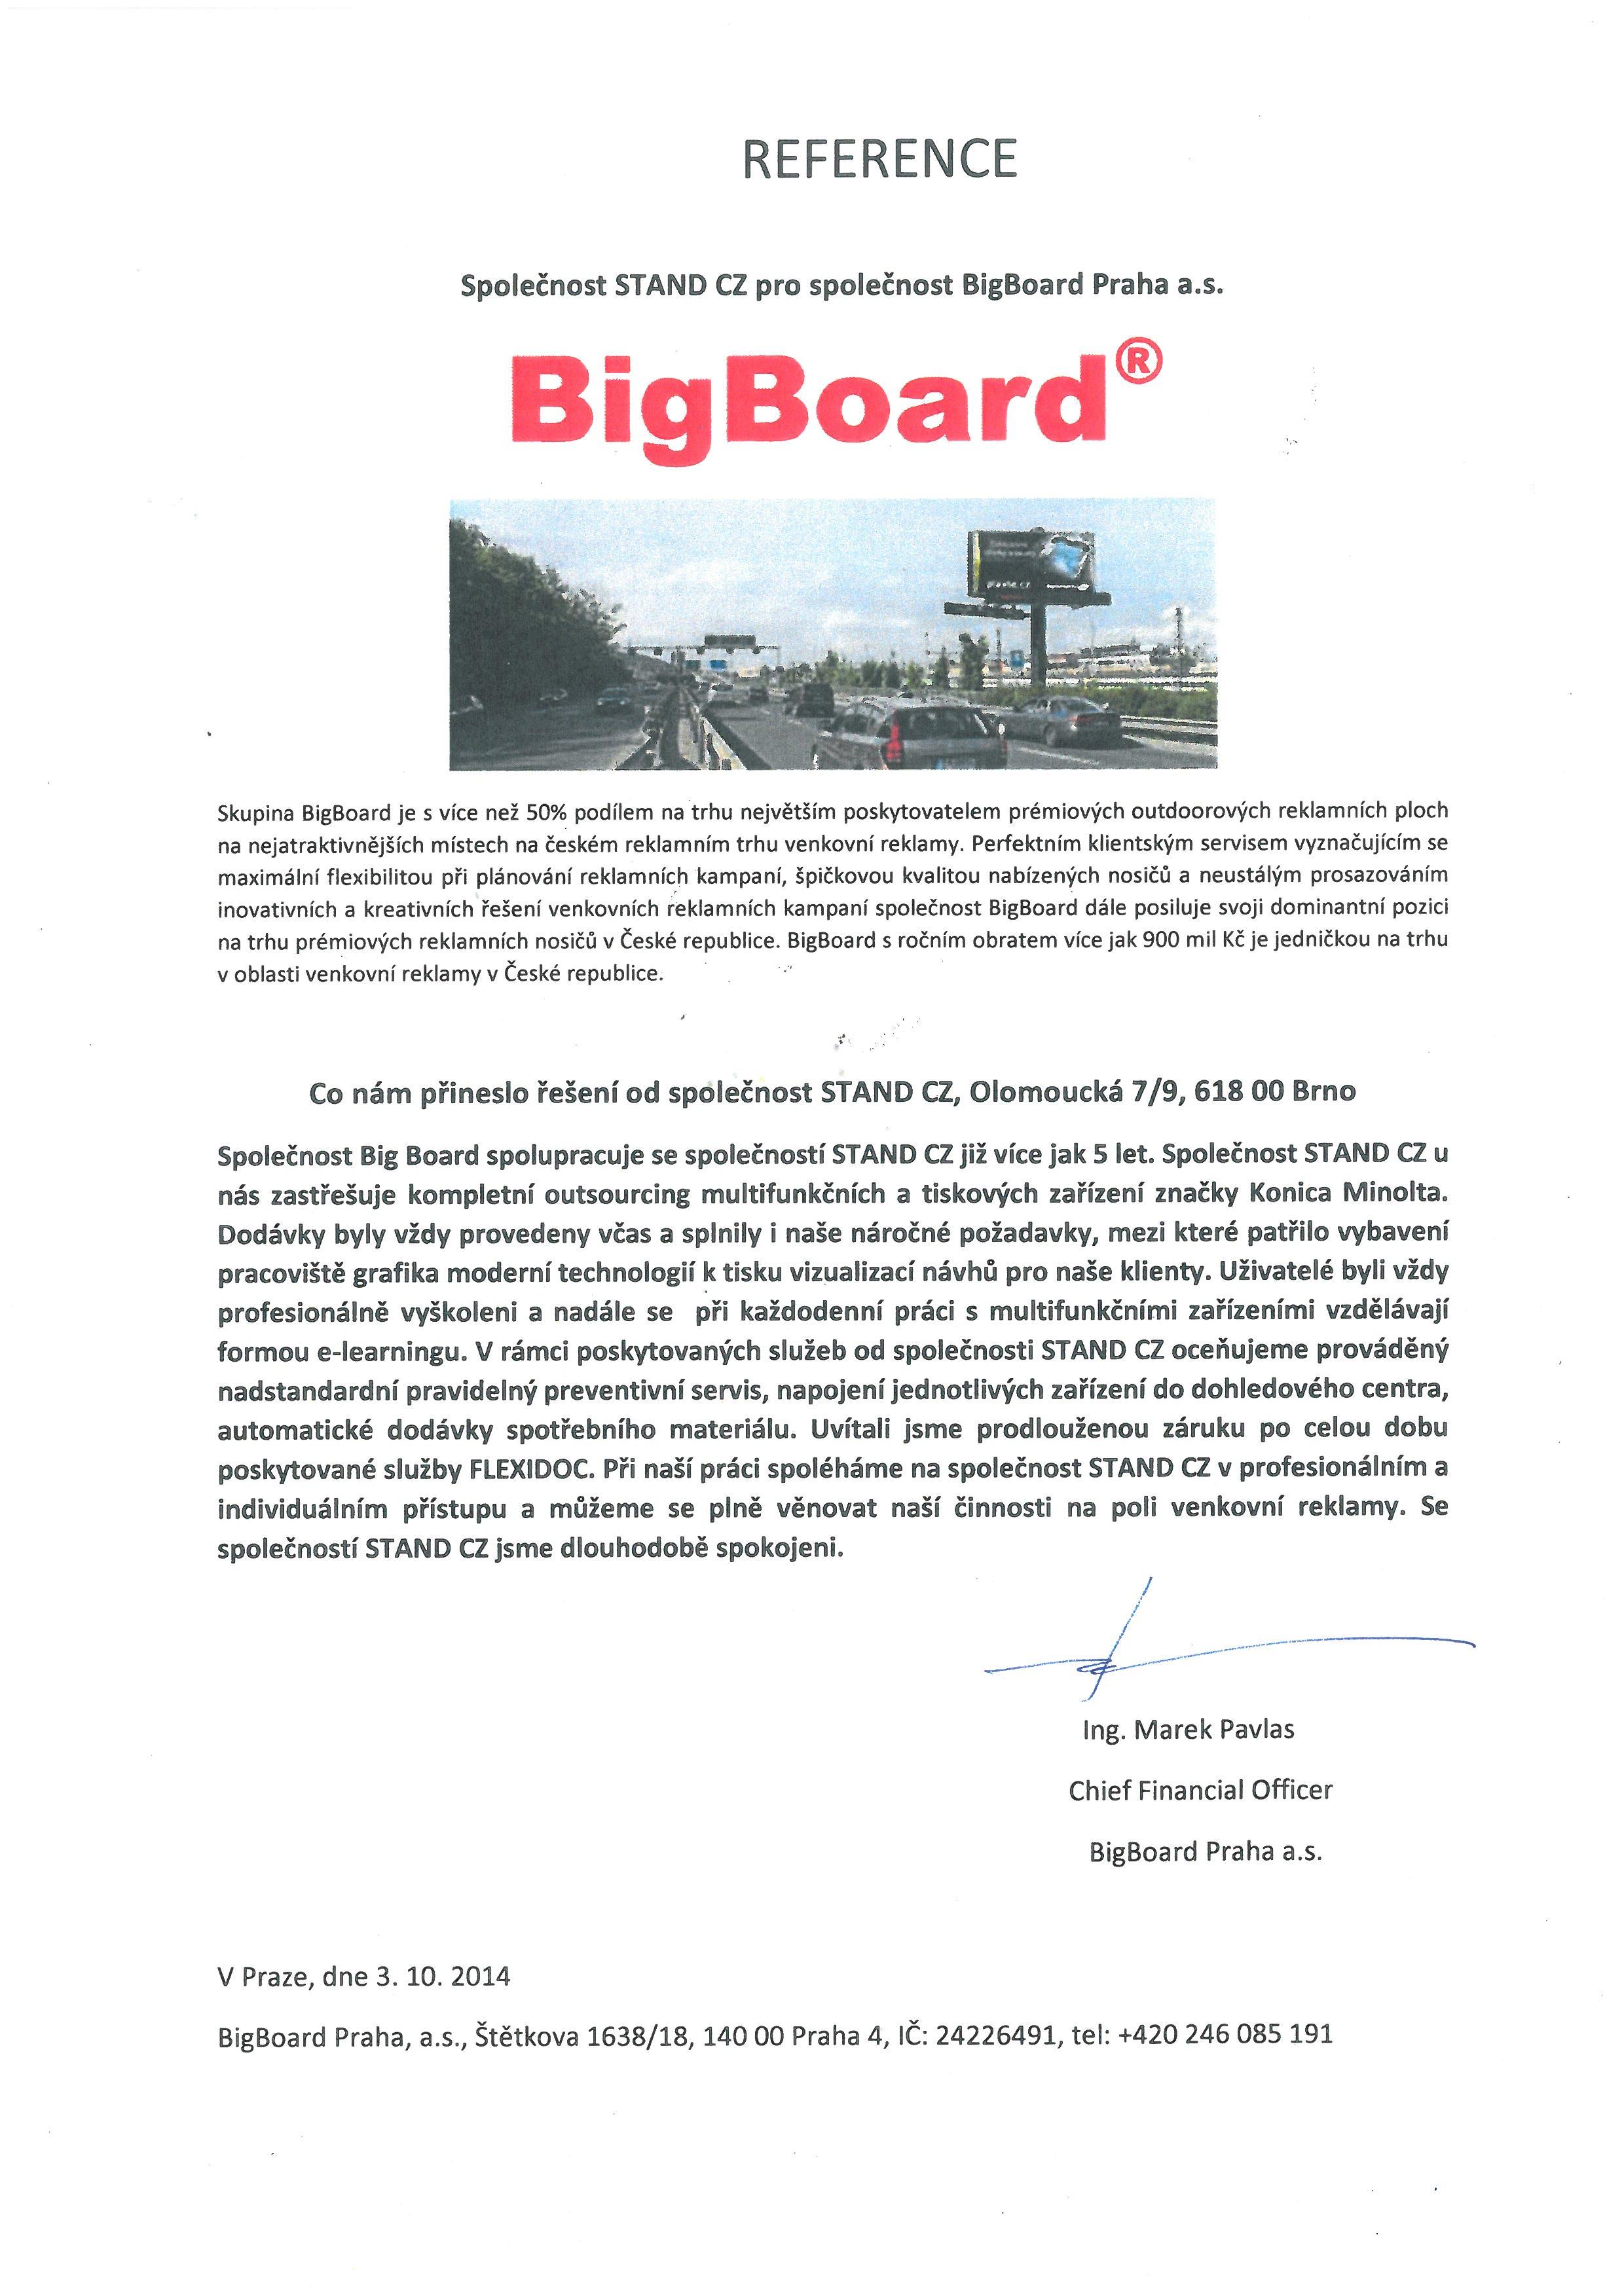 Big Board - referenční dopis